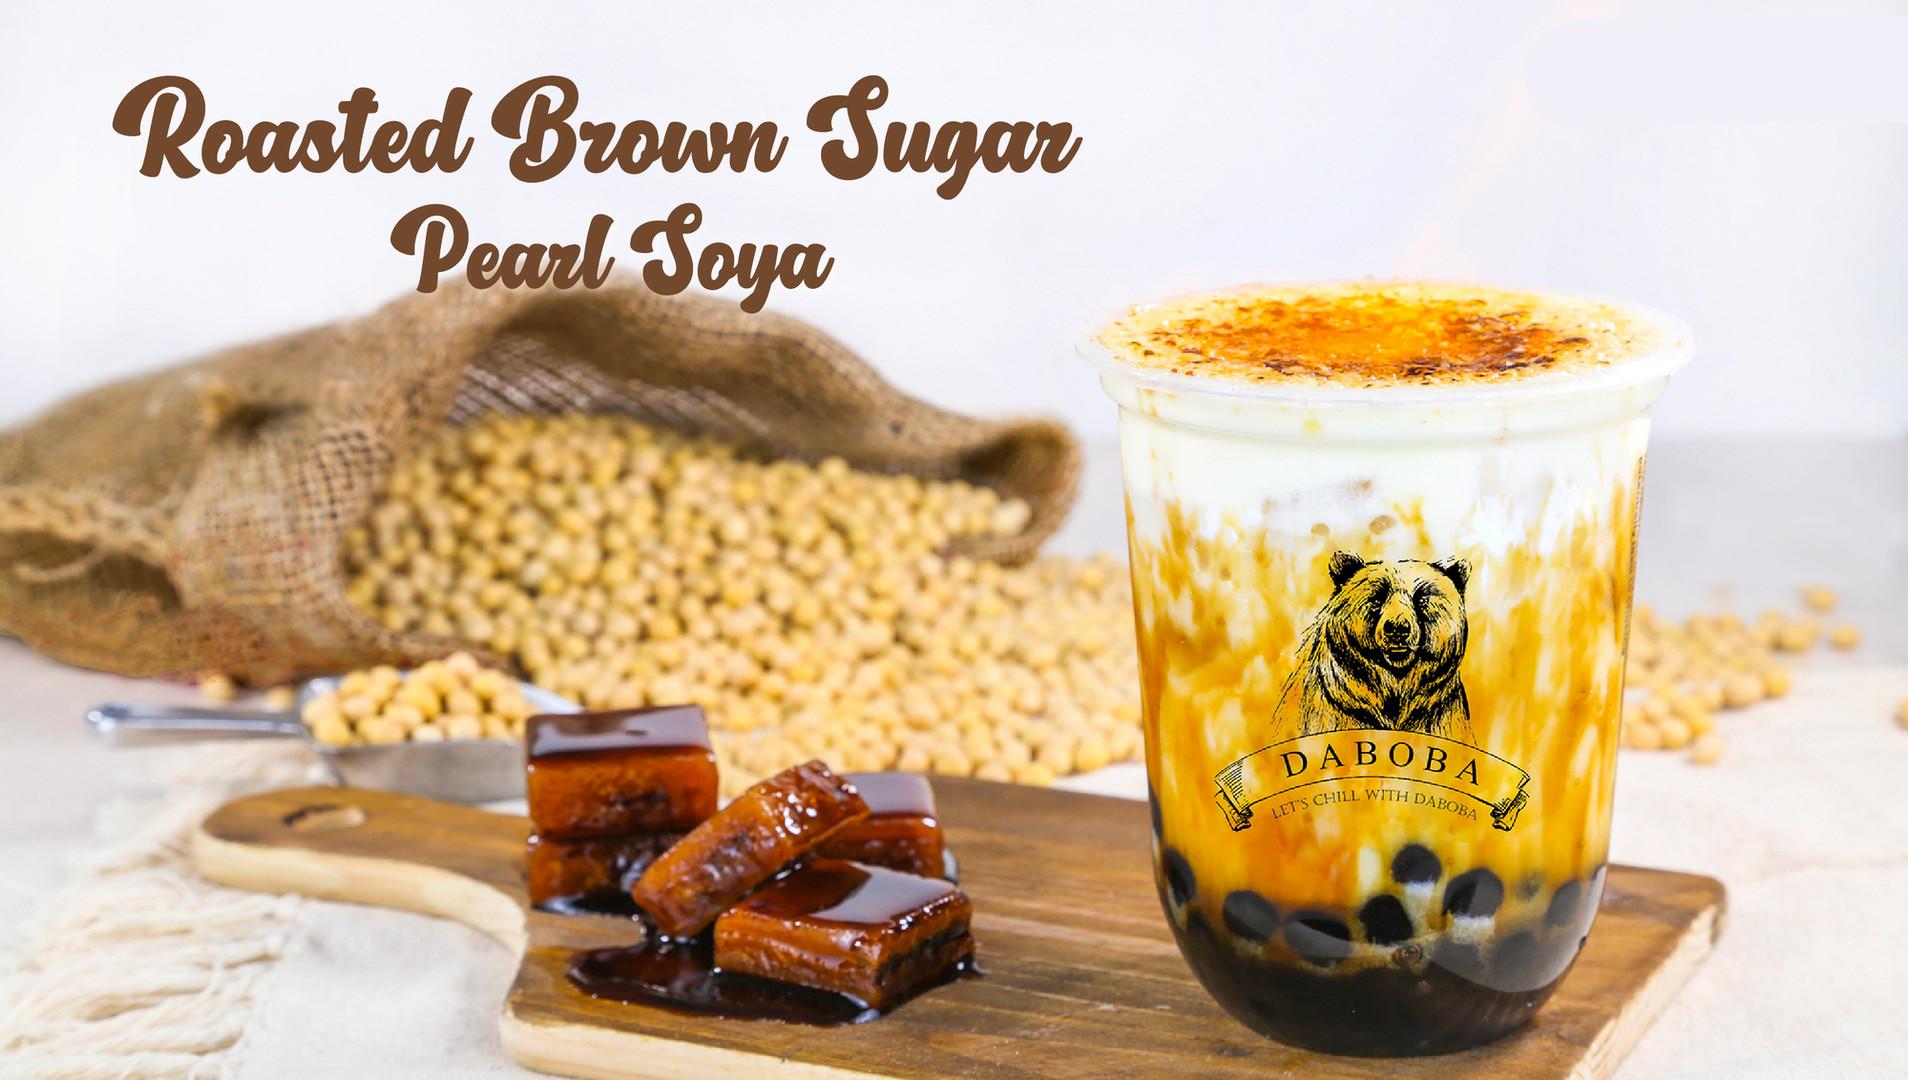 Roasted Brown Sugar Pearl Soya